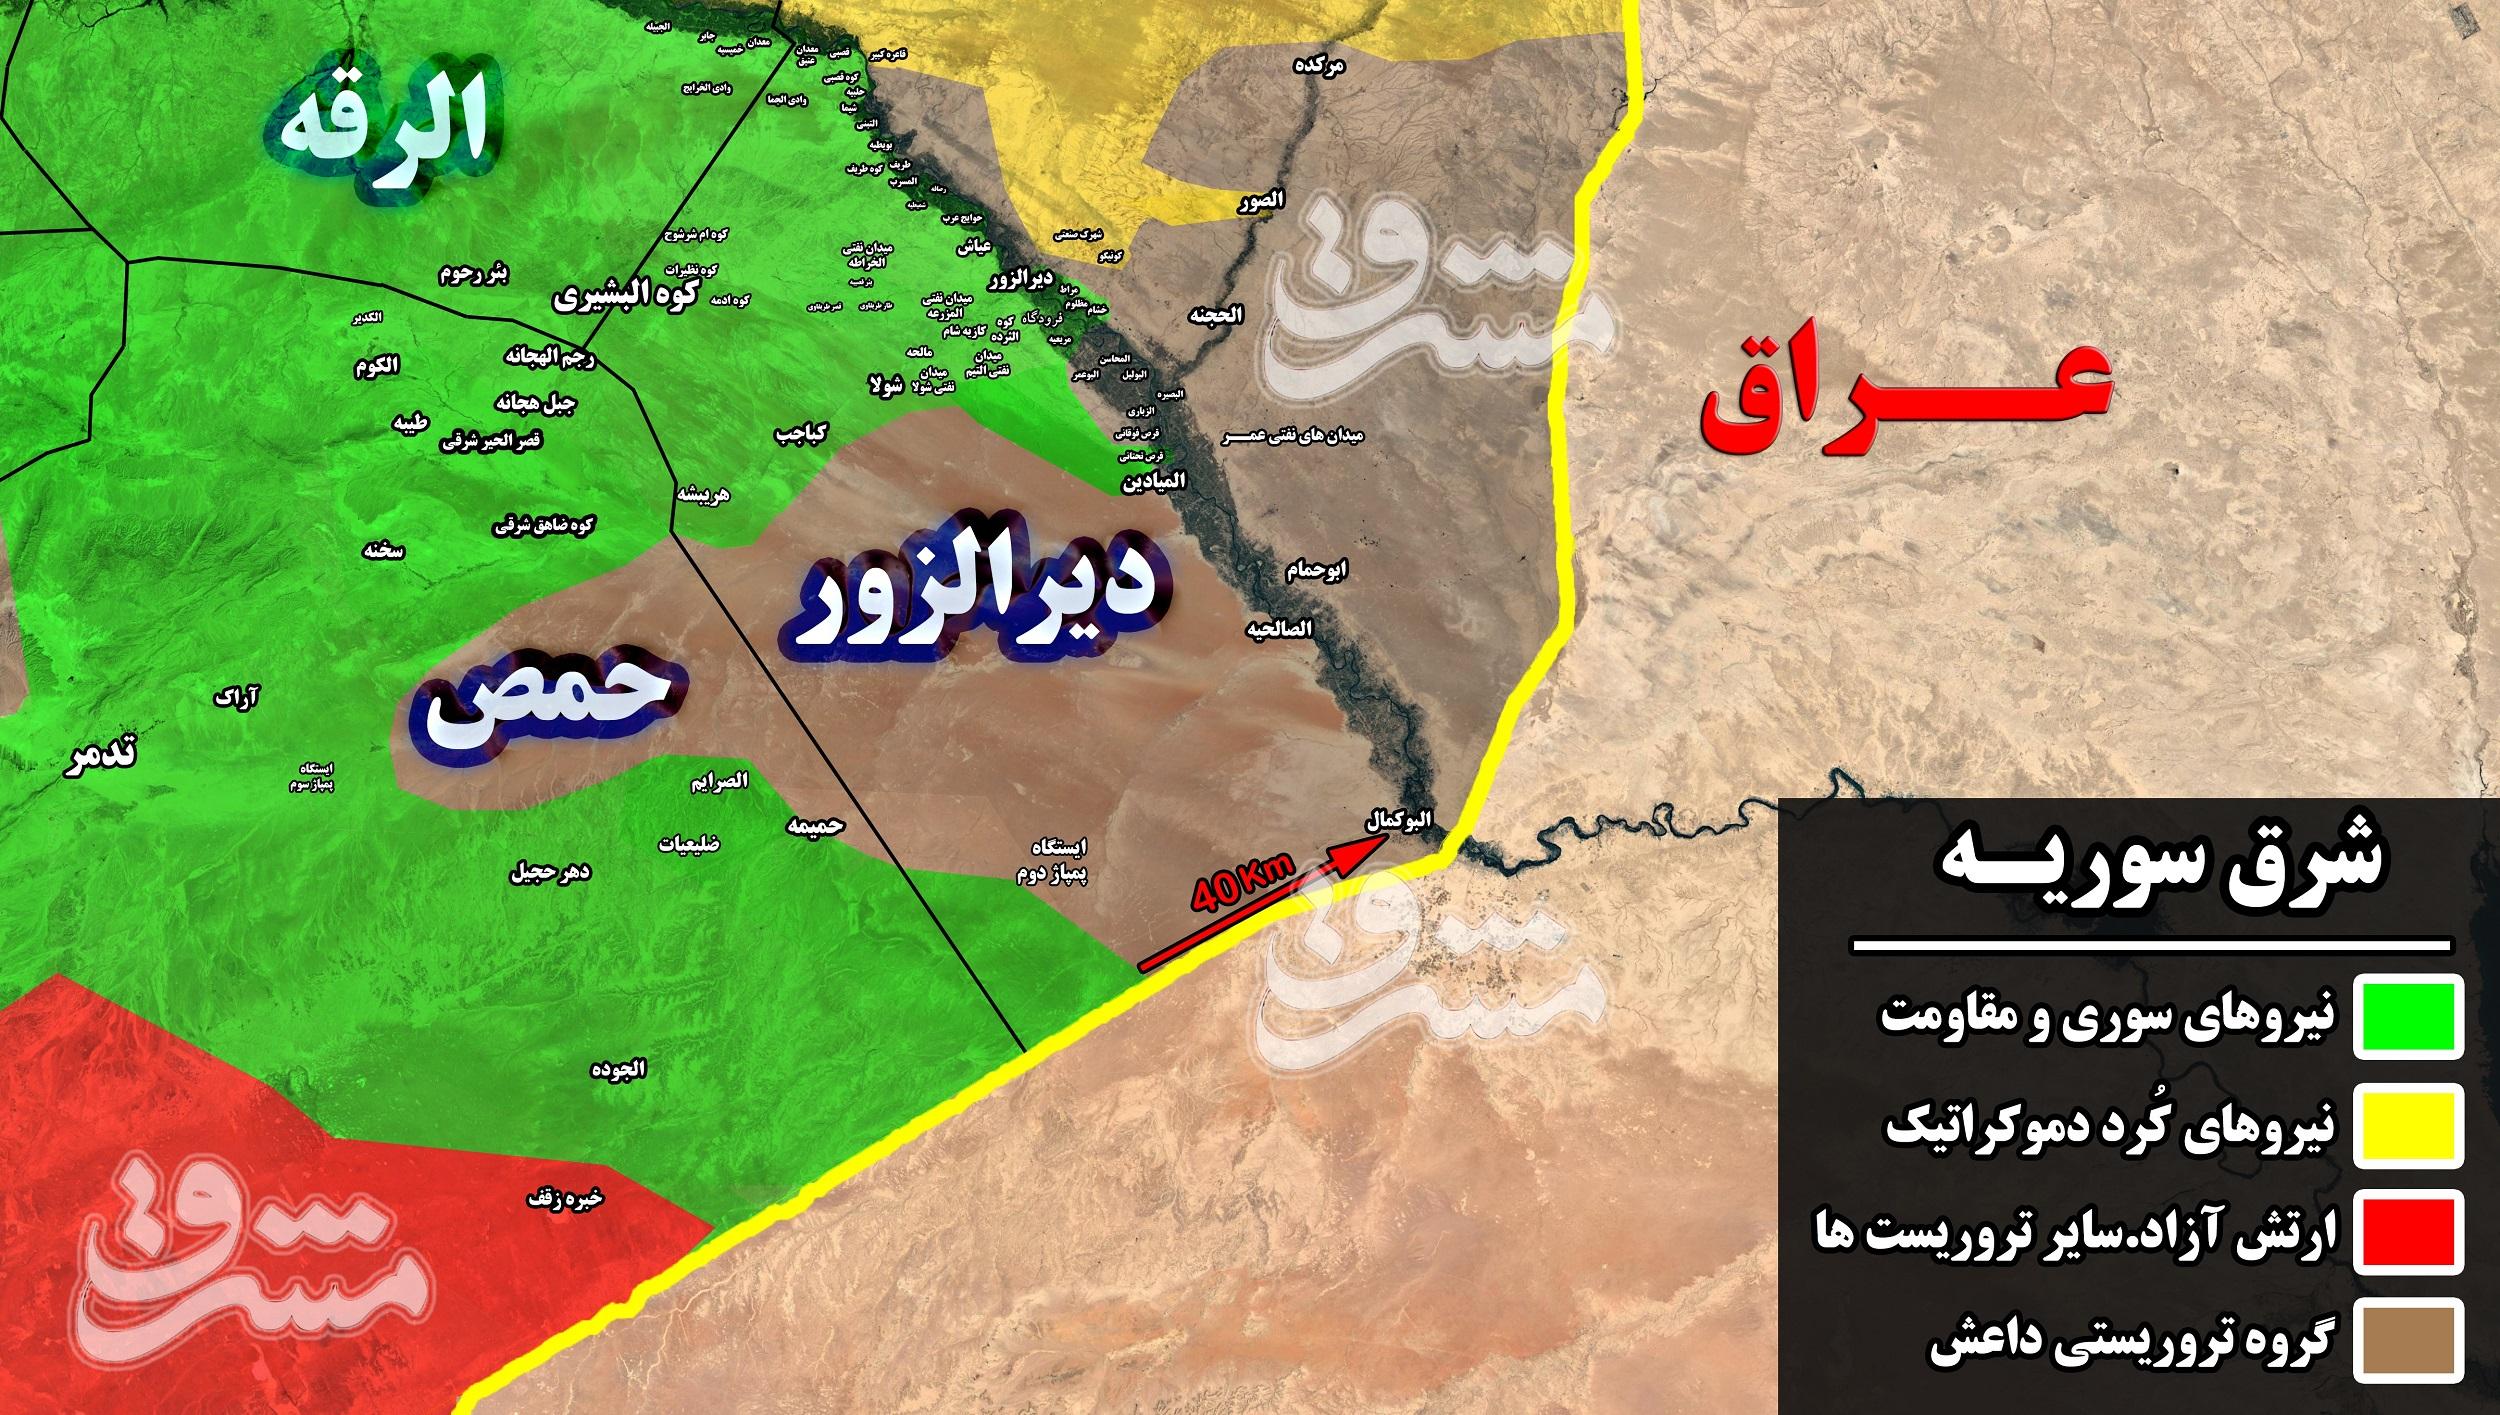 دستکمگرفتن داعش چه خسارتهایی را در ۹ روز گذشته به نیروهای جبهه مقاومت وارد کرد؟ +نقشه میدانی و تصاویر